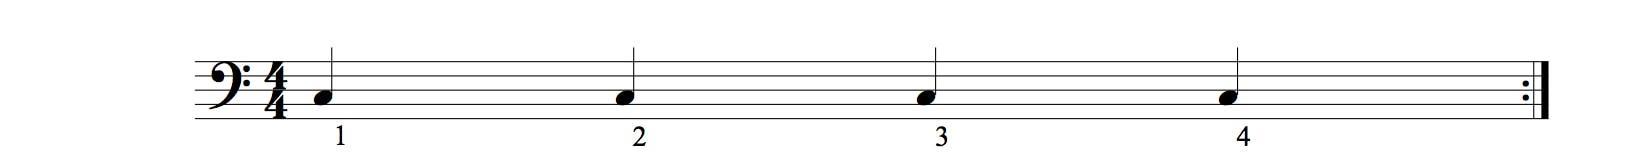 valeurs rythmiques la noire